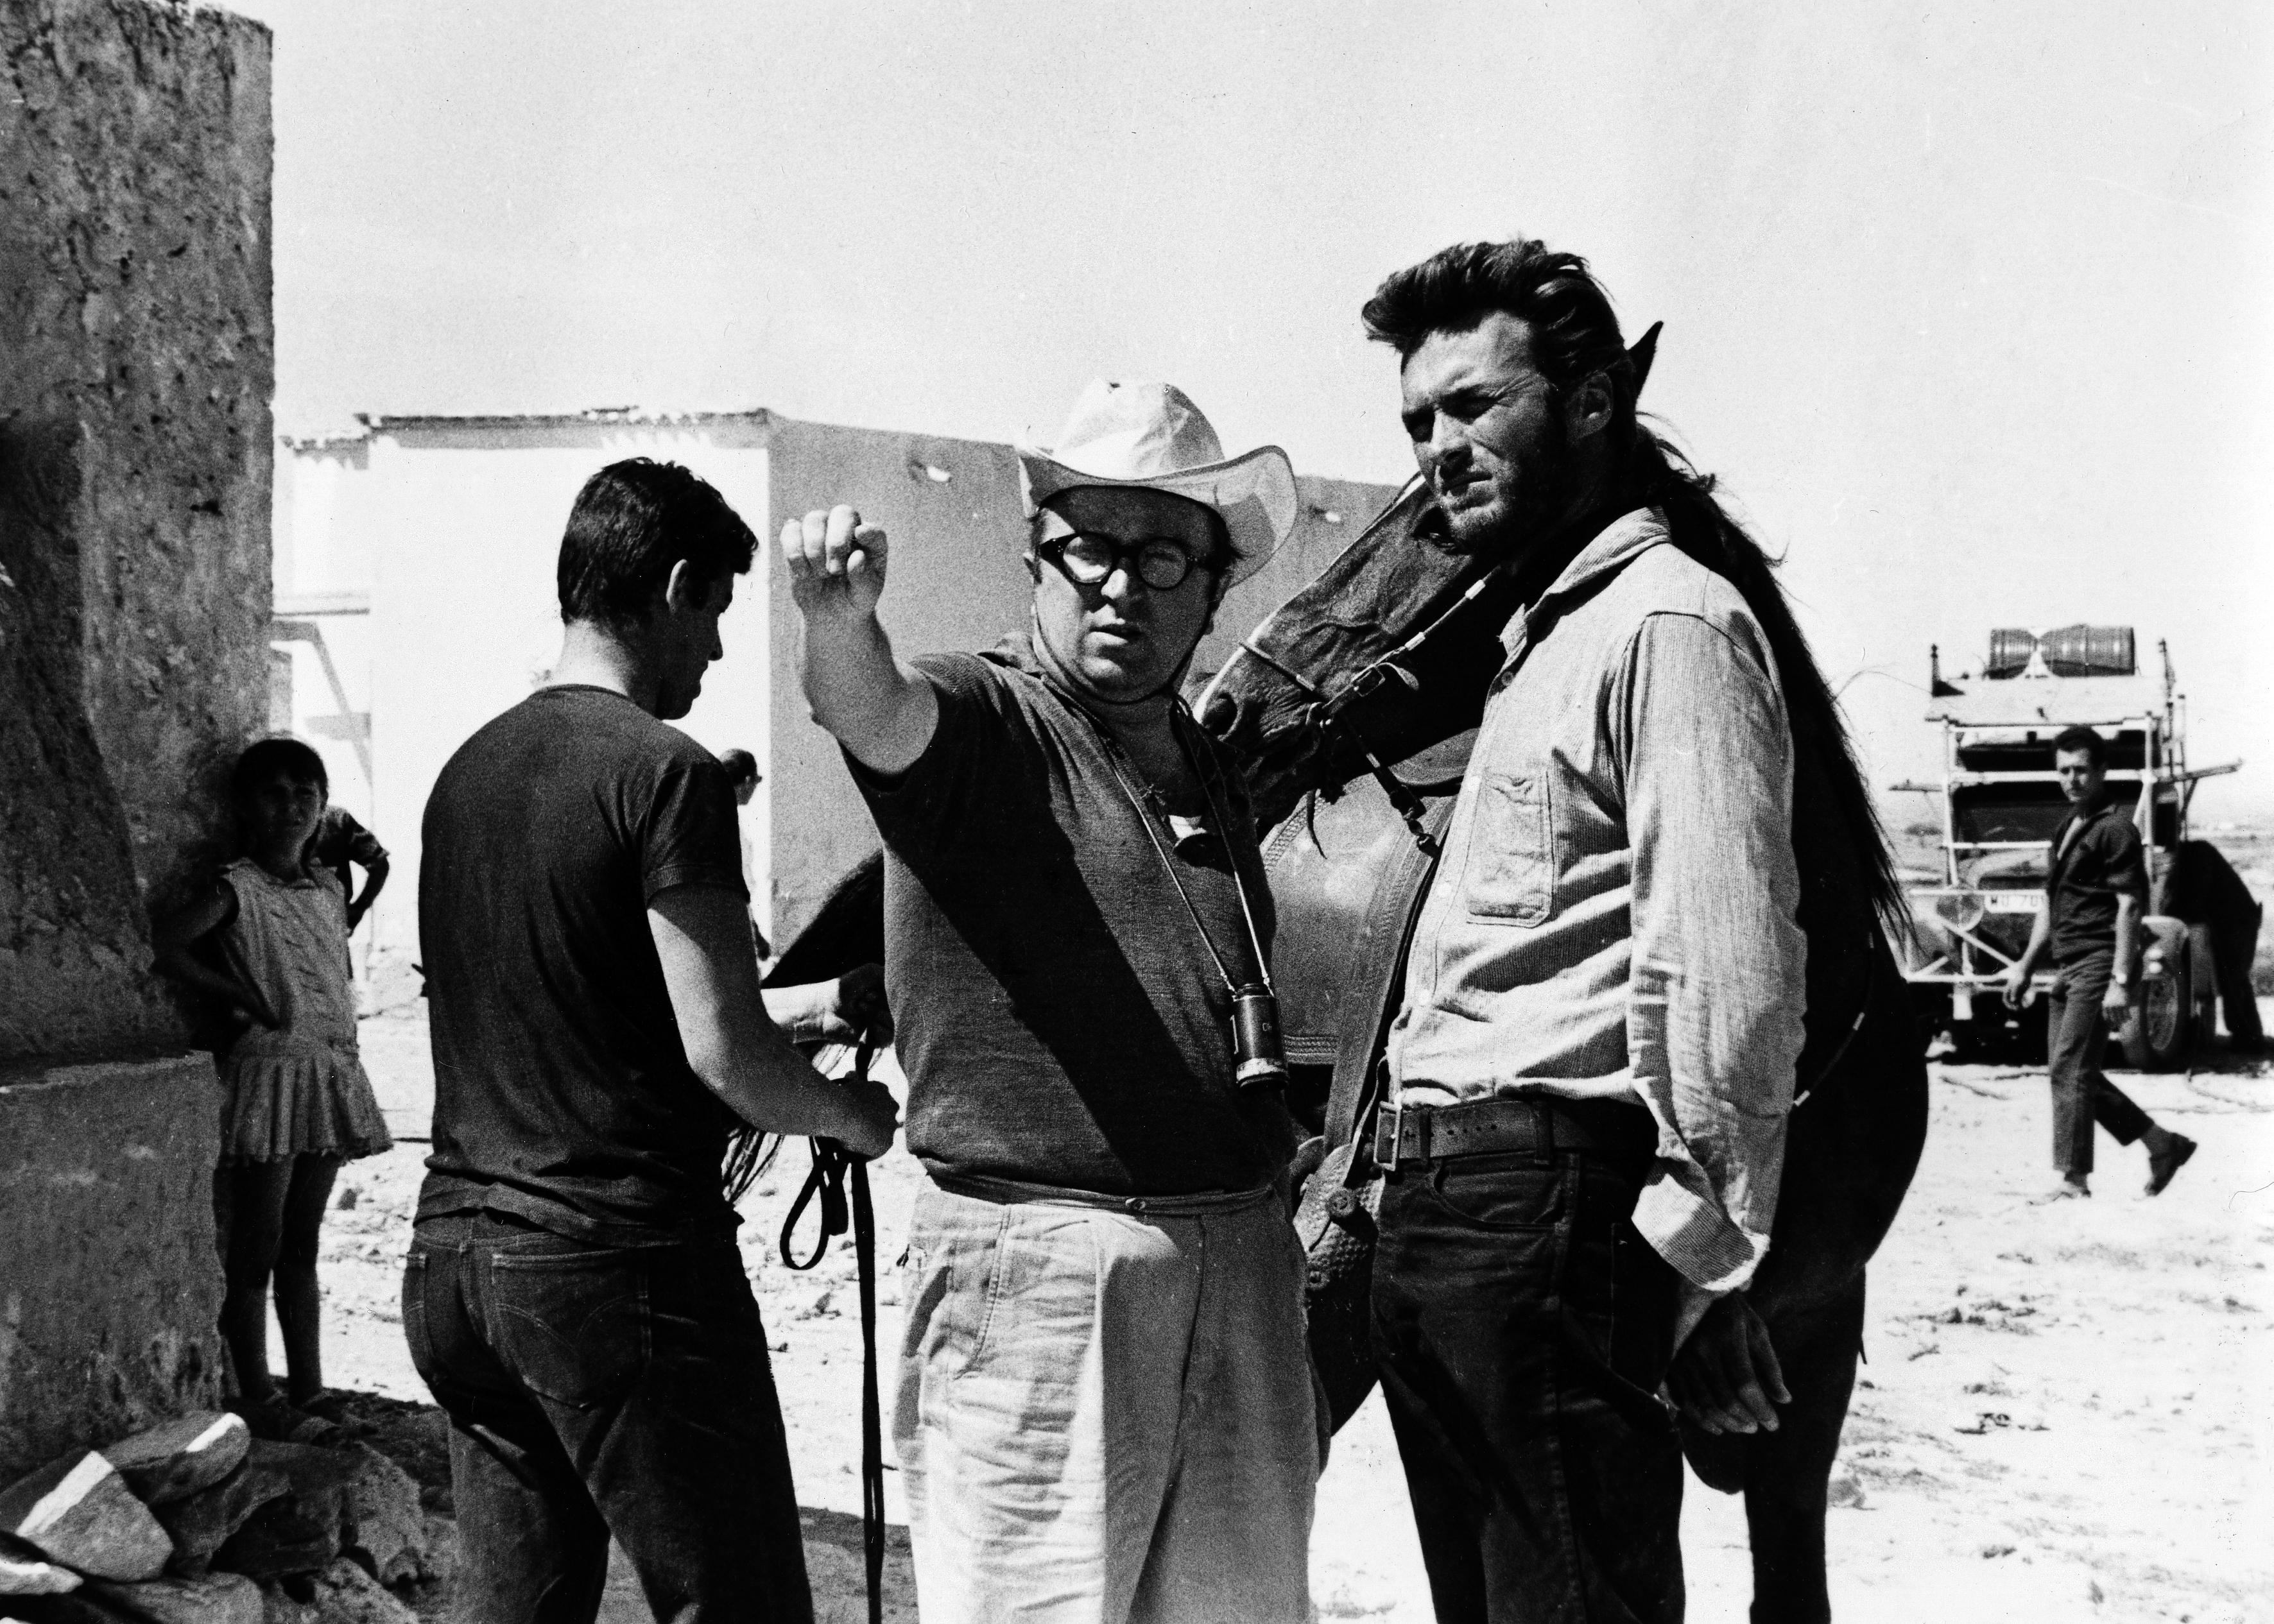 (Magyar) Slow Art, a lassú filmművészet: Clint Eastwood és a sárkány avagy egy veronai freskótól az olasz western remekéig…